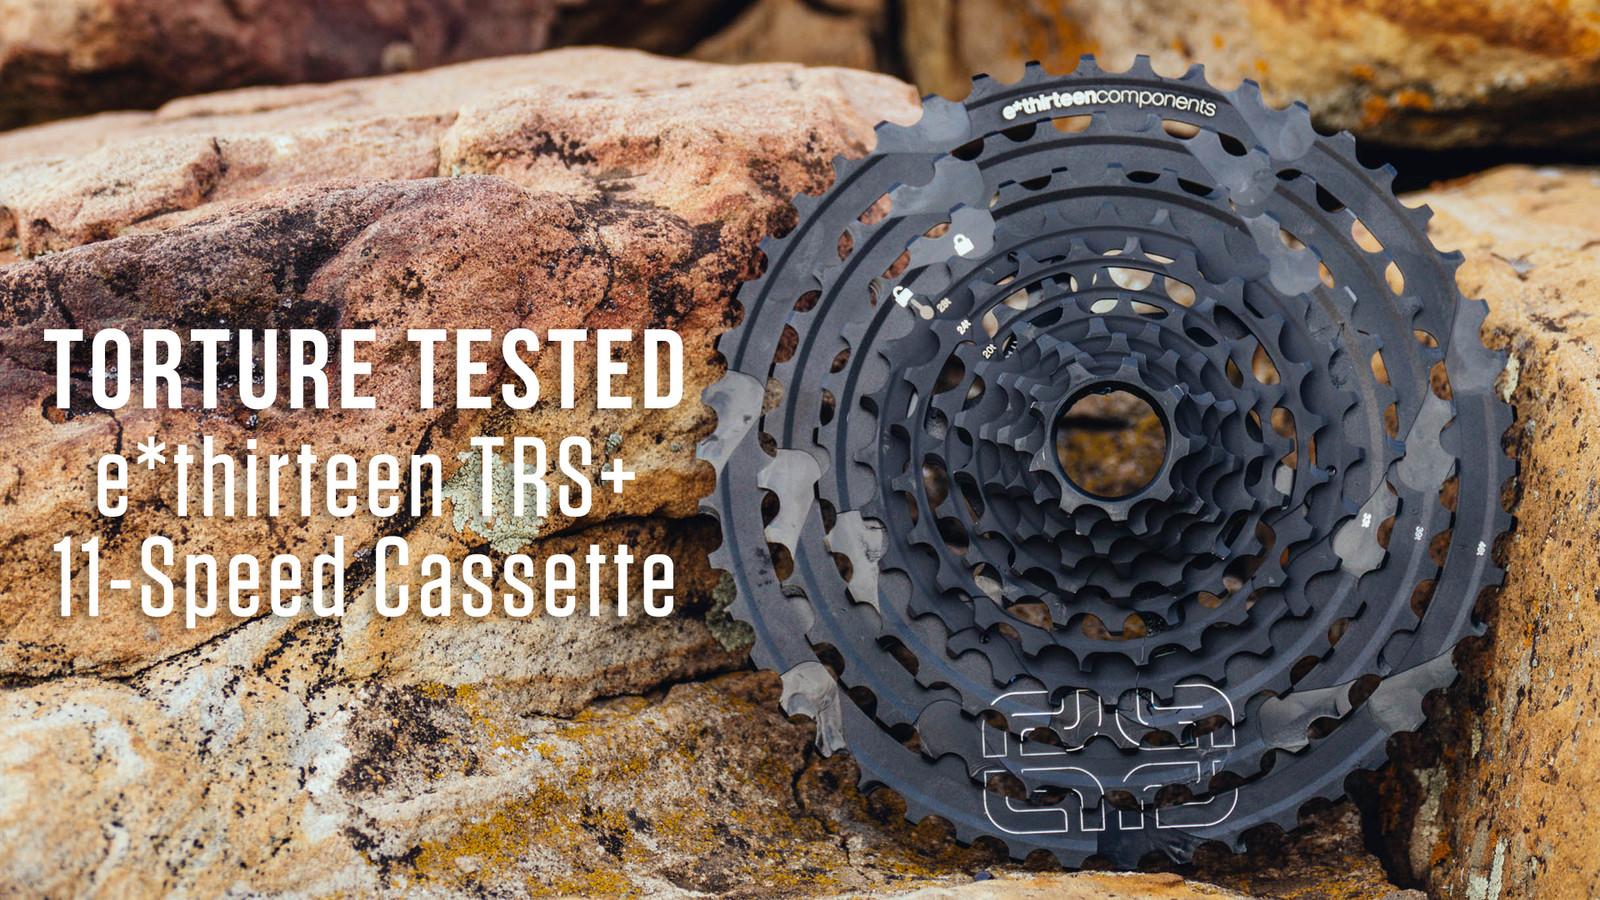 11 speed E13 TRS+ BRAND NEW E*thirteen TRS Plus Cassette 9-46t